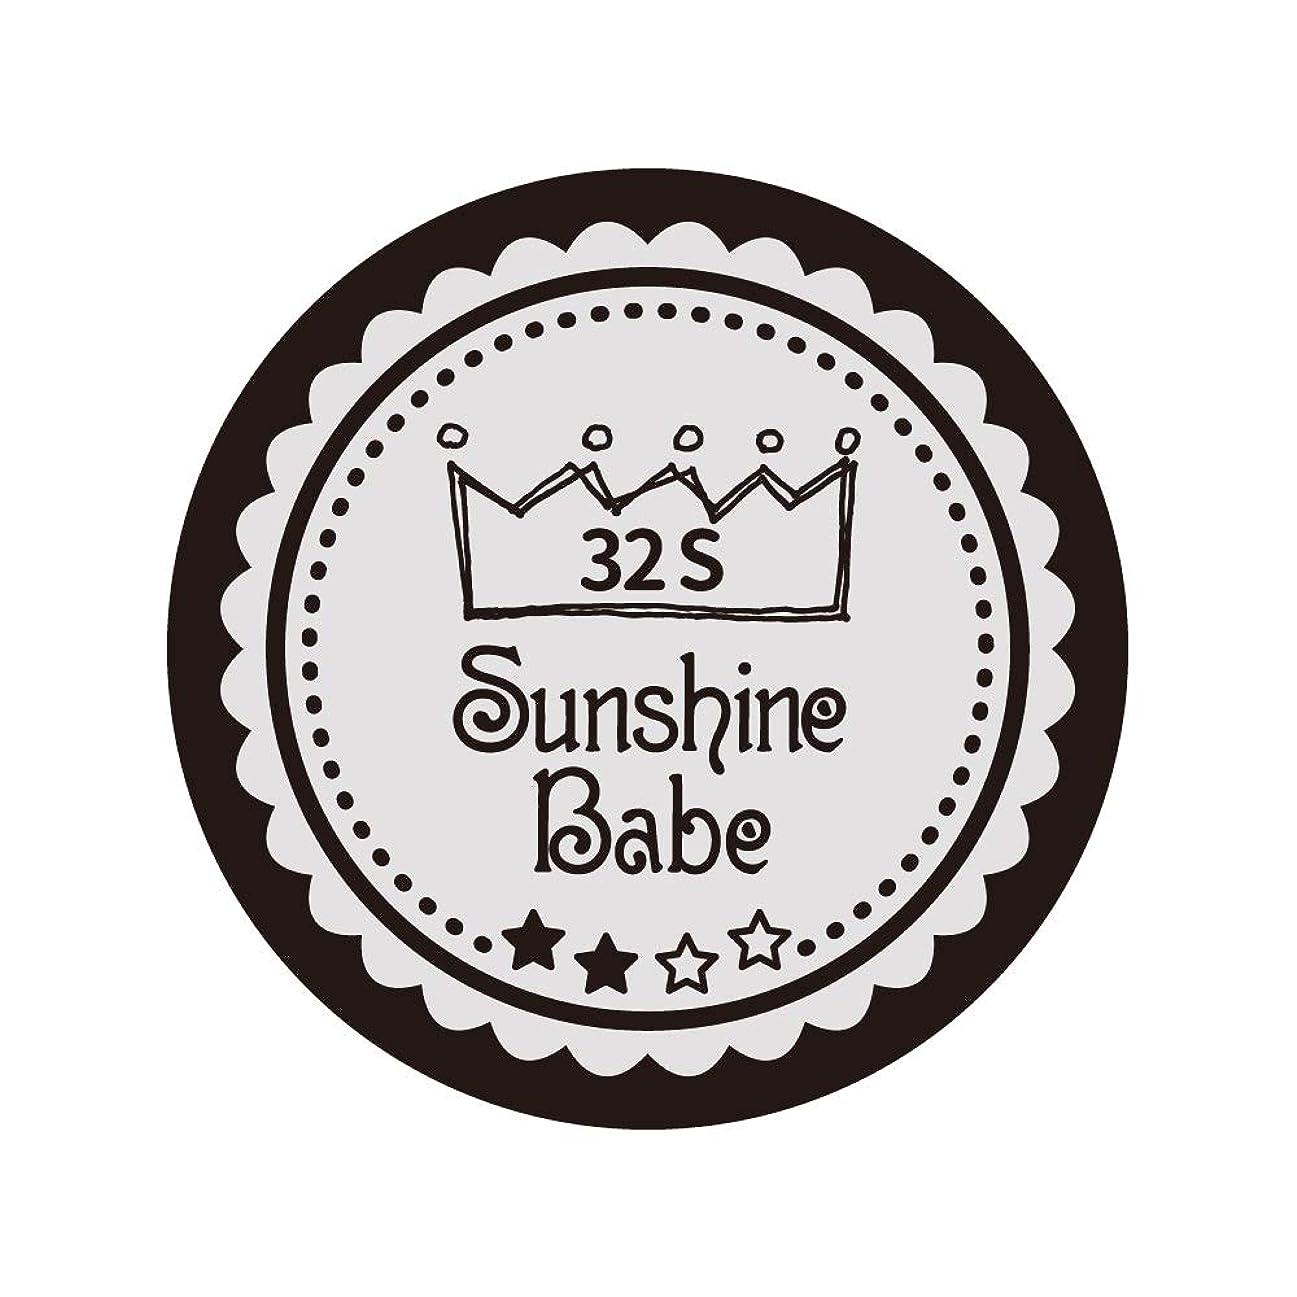 ミュートよろしく取り替えるSunshine Babe コスメティックカラー 32S ミルキーグレージュ 4g UV/LED対応